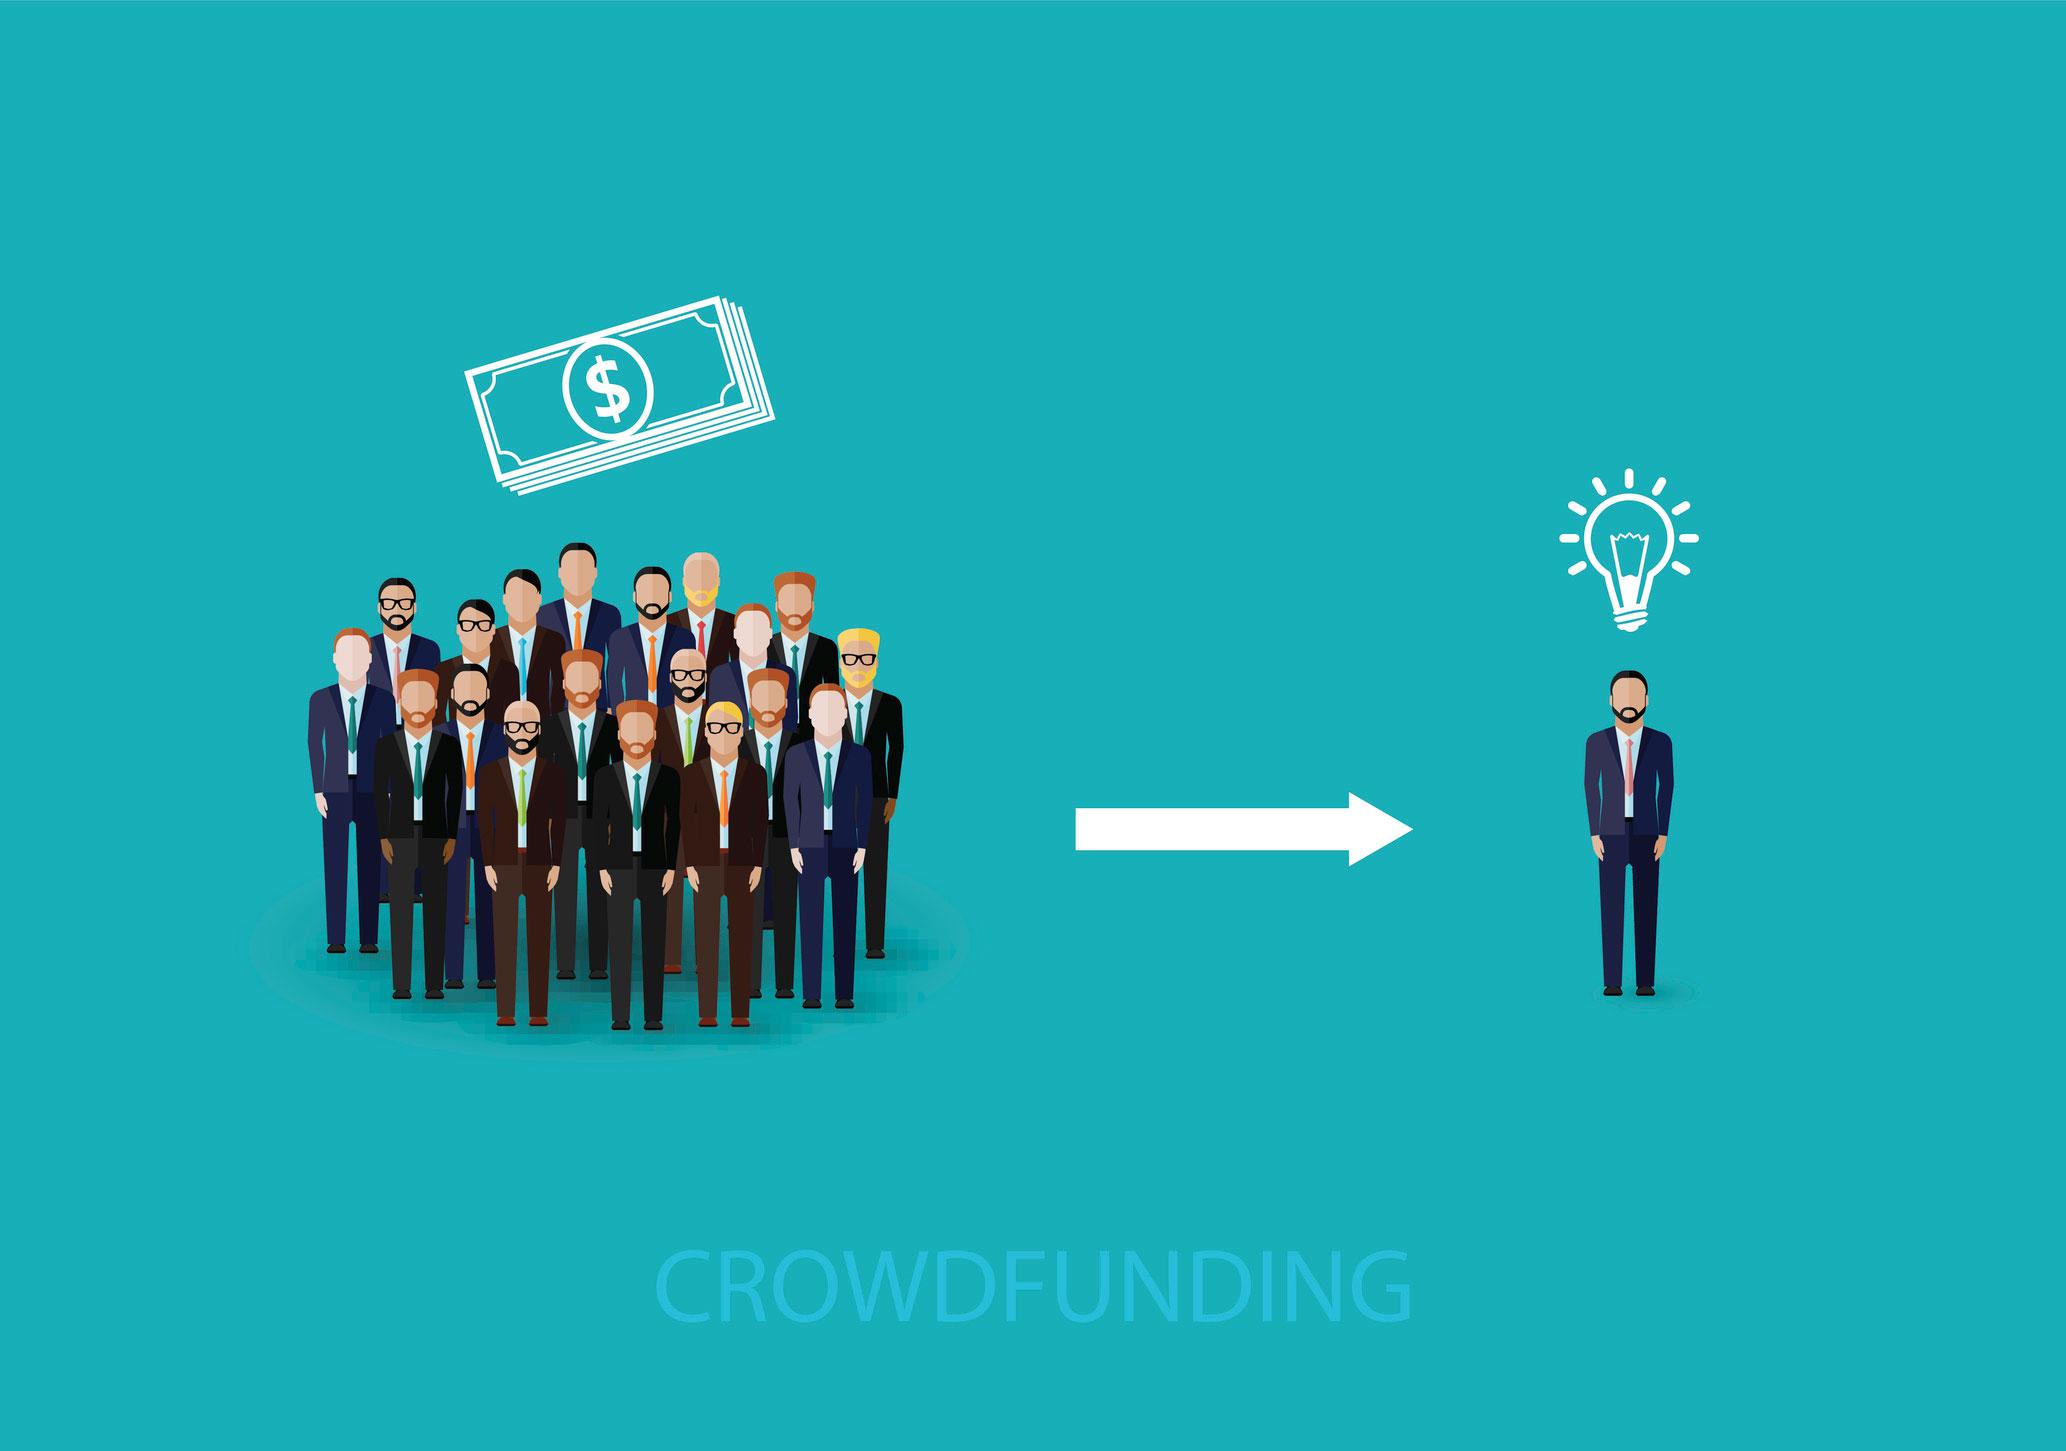 el crowfunding o micromecenazgo, el crowfunding y el micomecenazgo